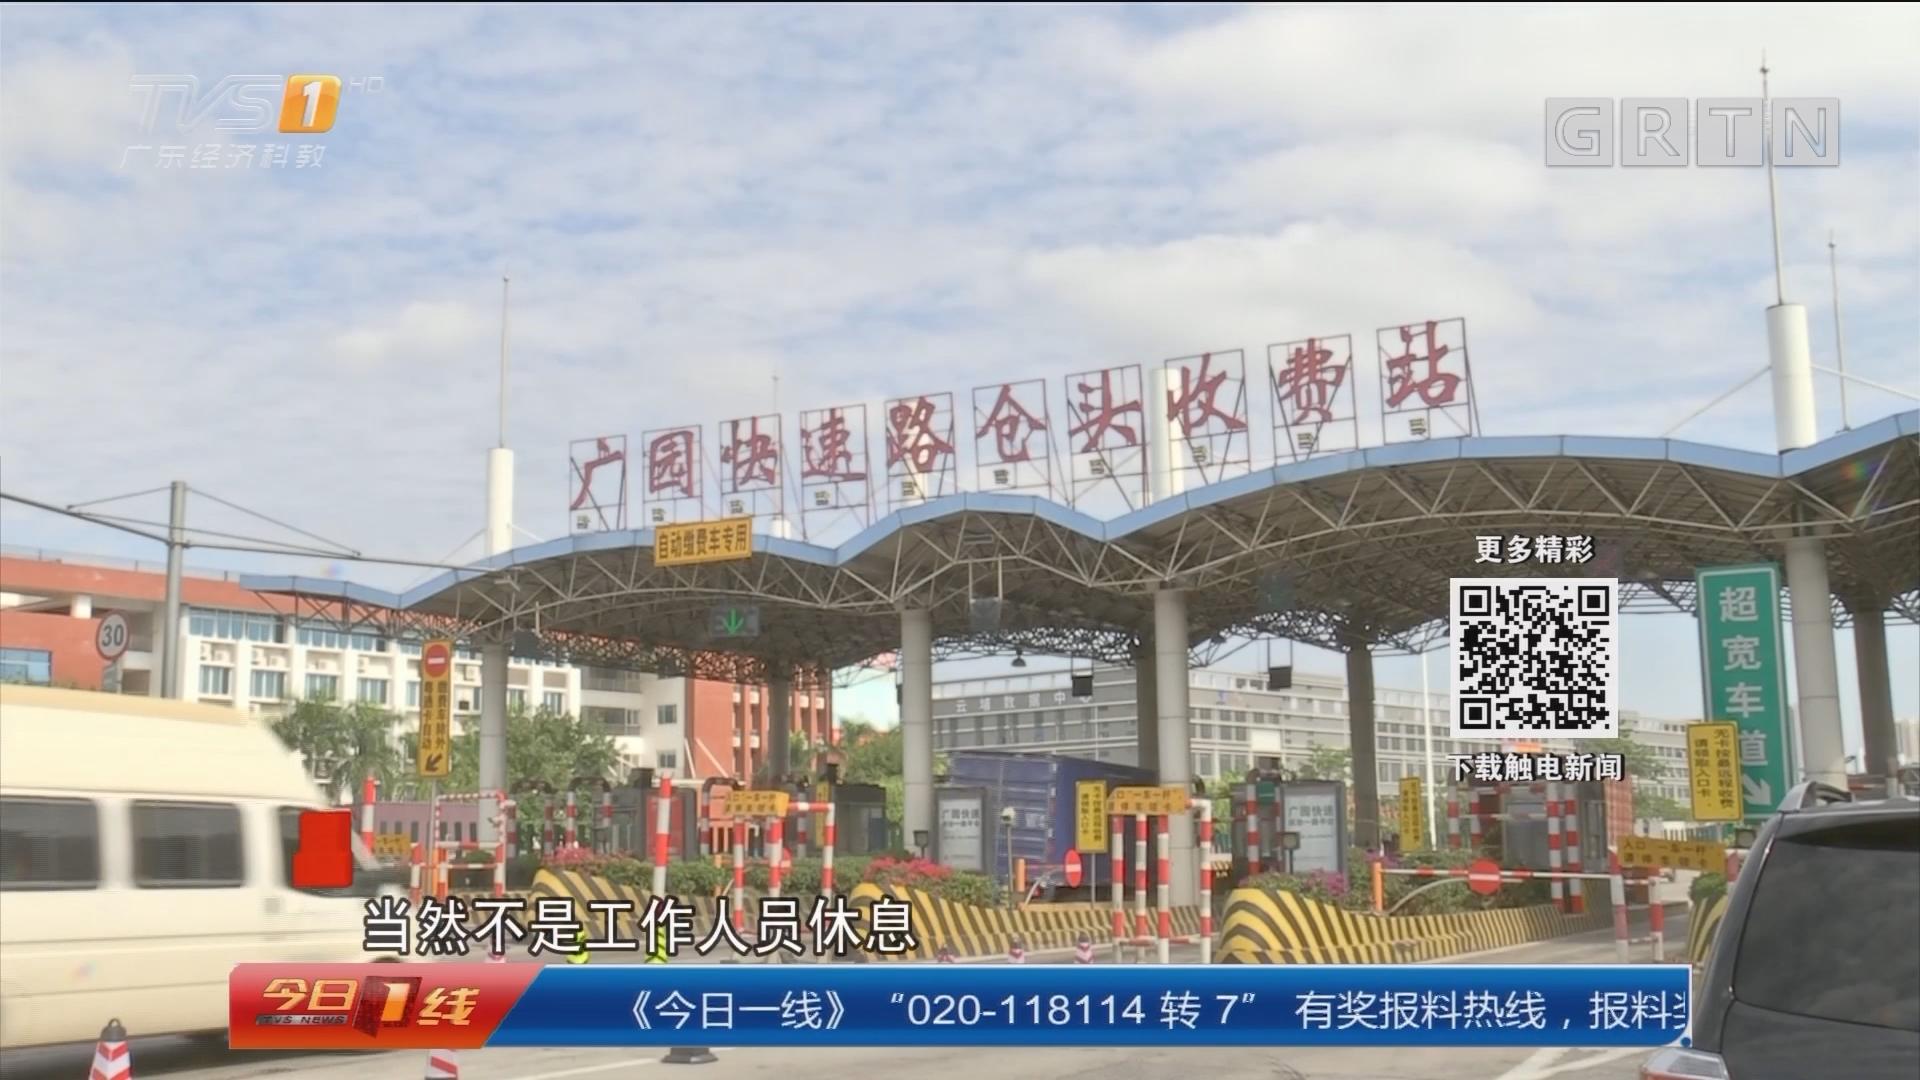 学习宣传贯彻党的十九大精神 广州:广园快速路免费通行